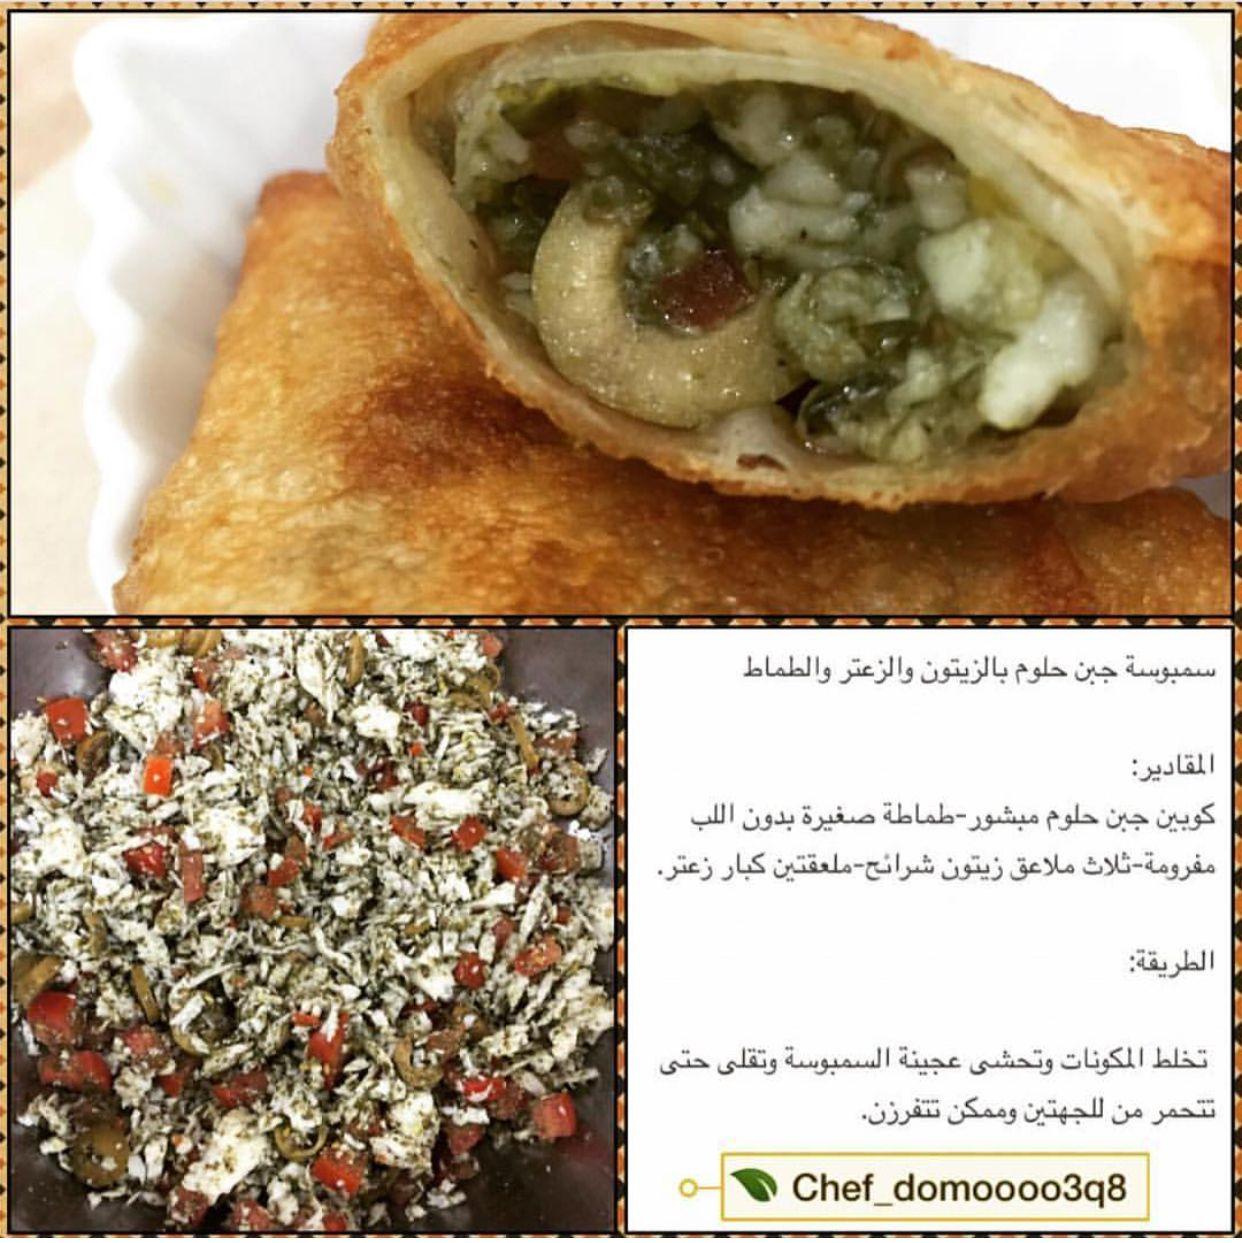 سمبوسه حلوم مع الزيتون والزعتر Recipes Food Arabic Food